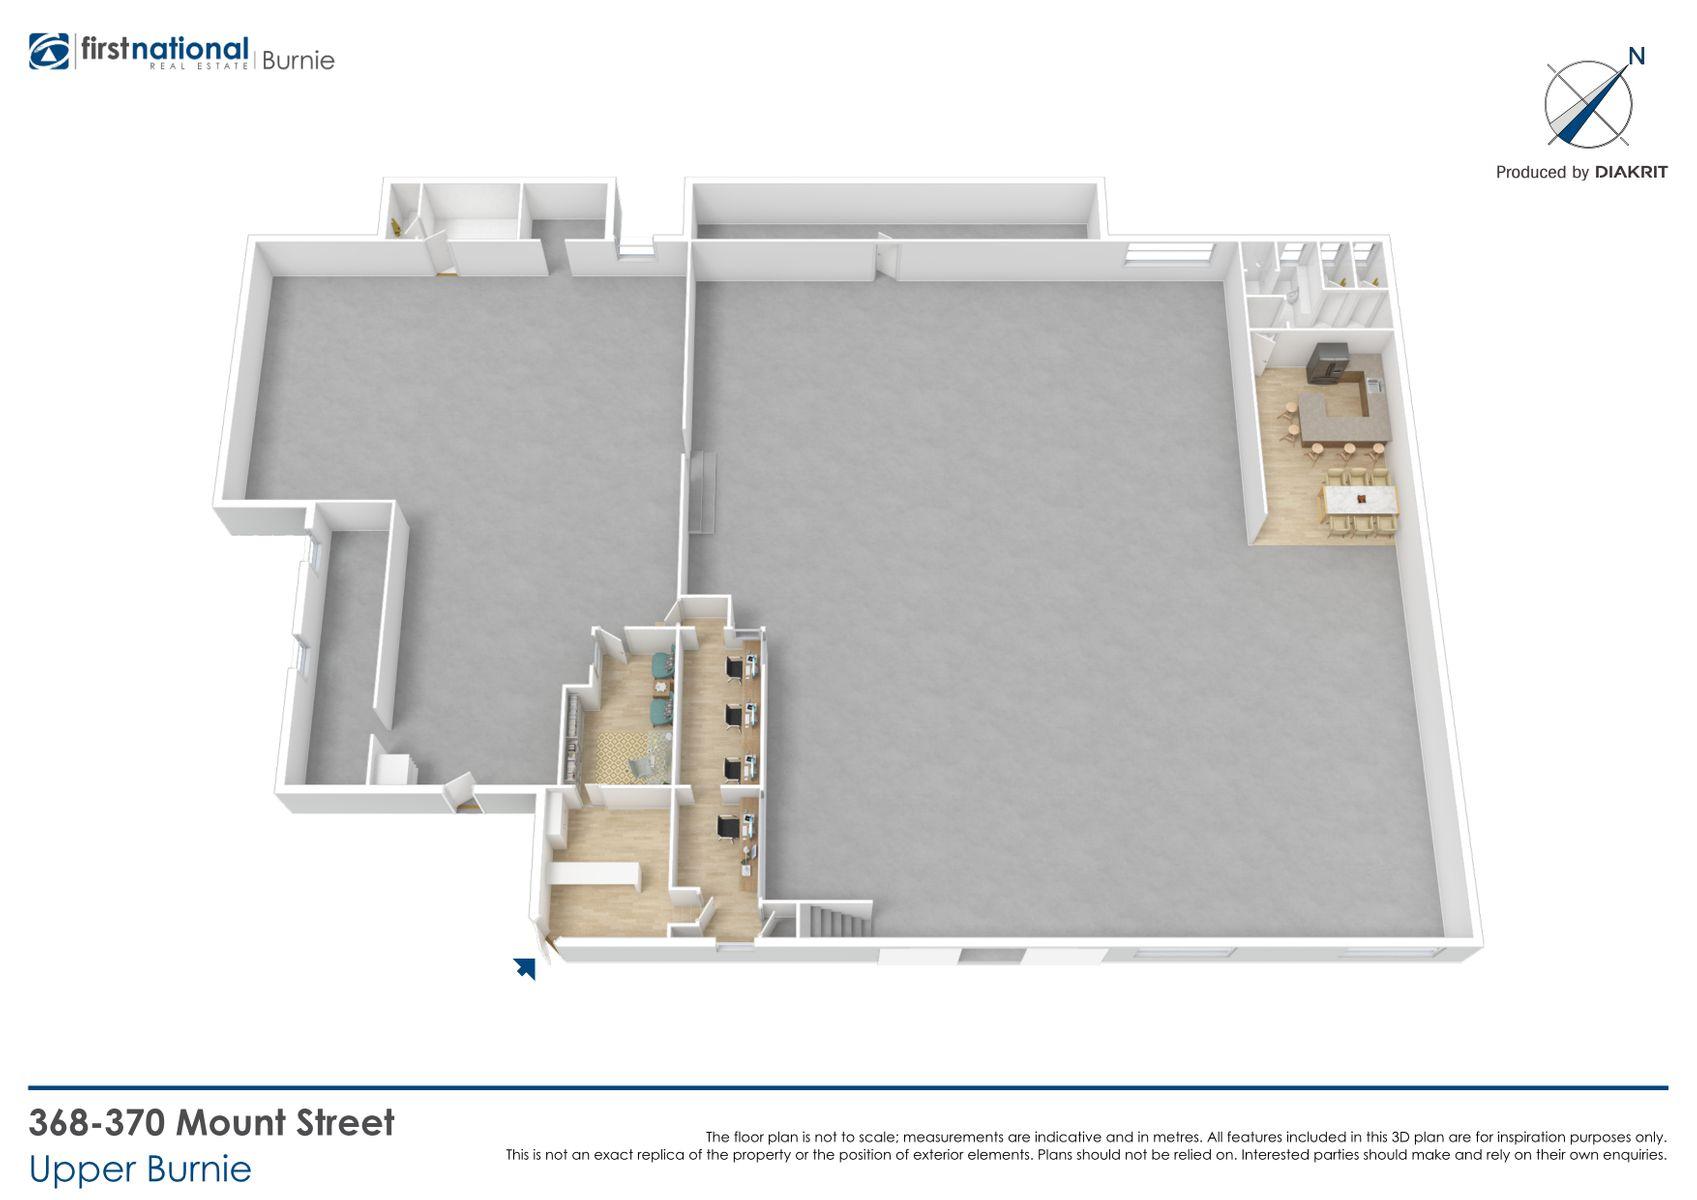 368-370 Mount Street, Upper Burnie, TAS 7320